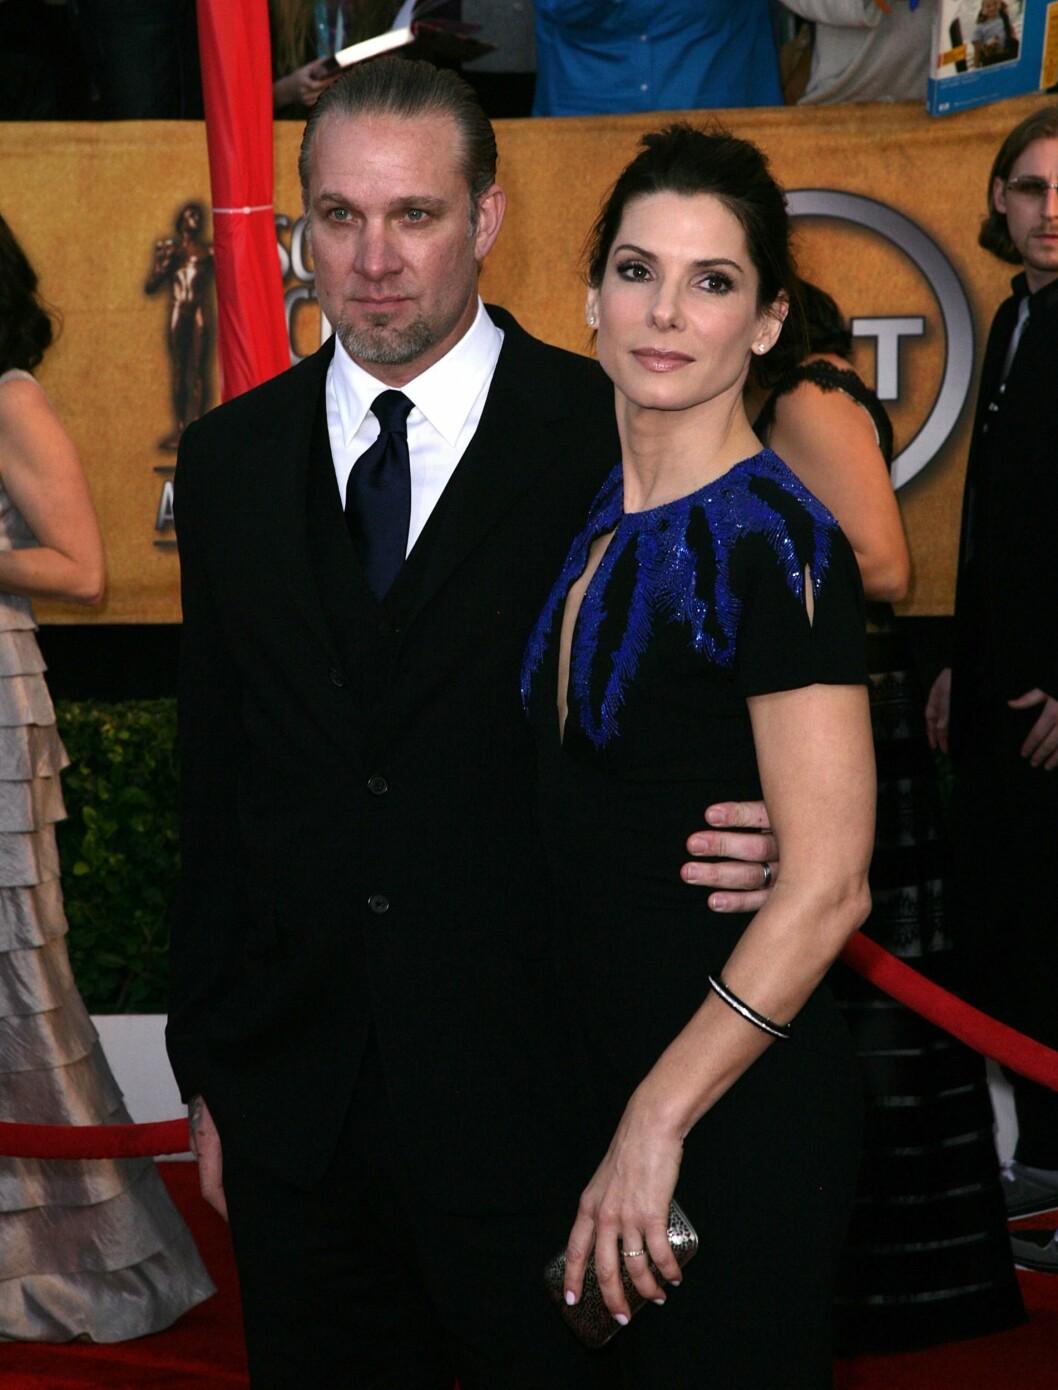 BRUDD ETTER OSCAR: Sandra Bullock og Jesse James. Foto: All Over Press